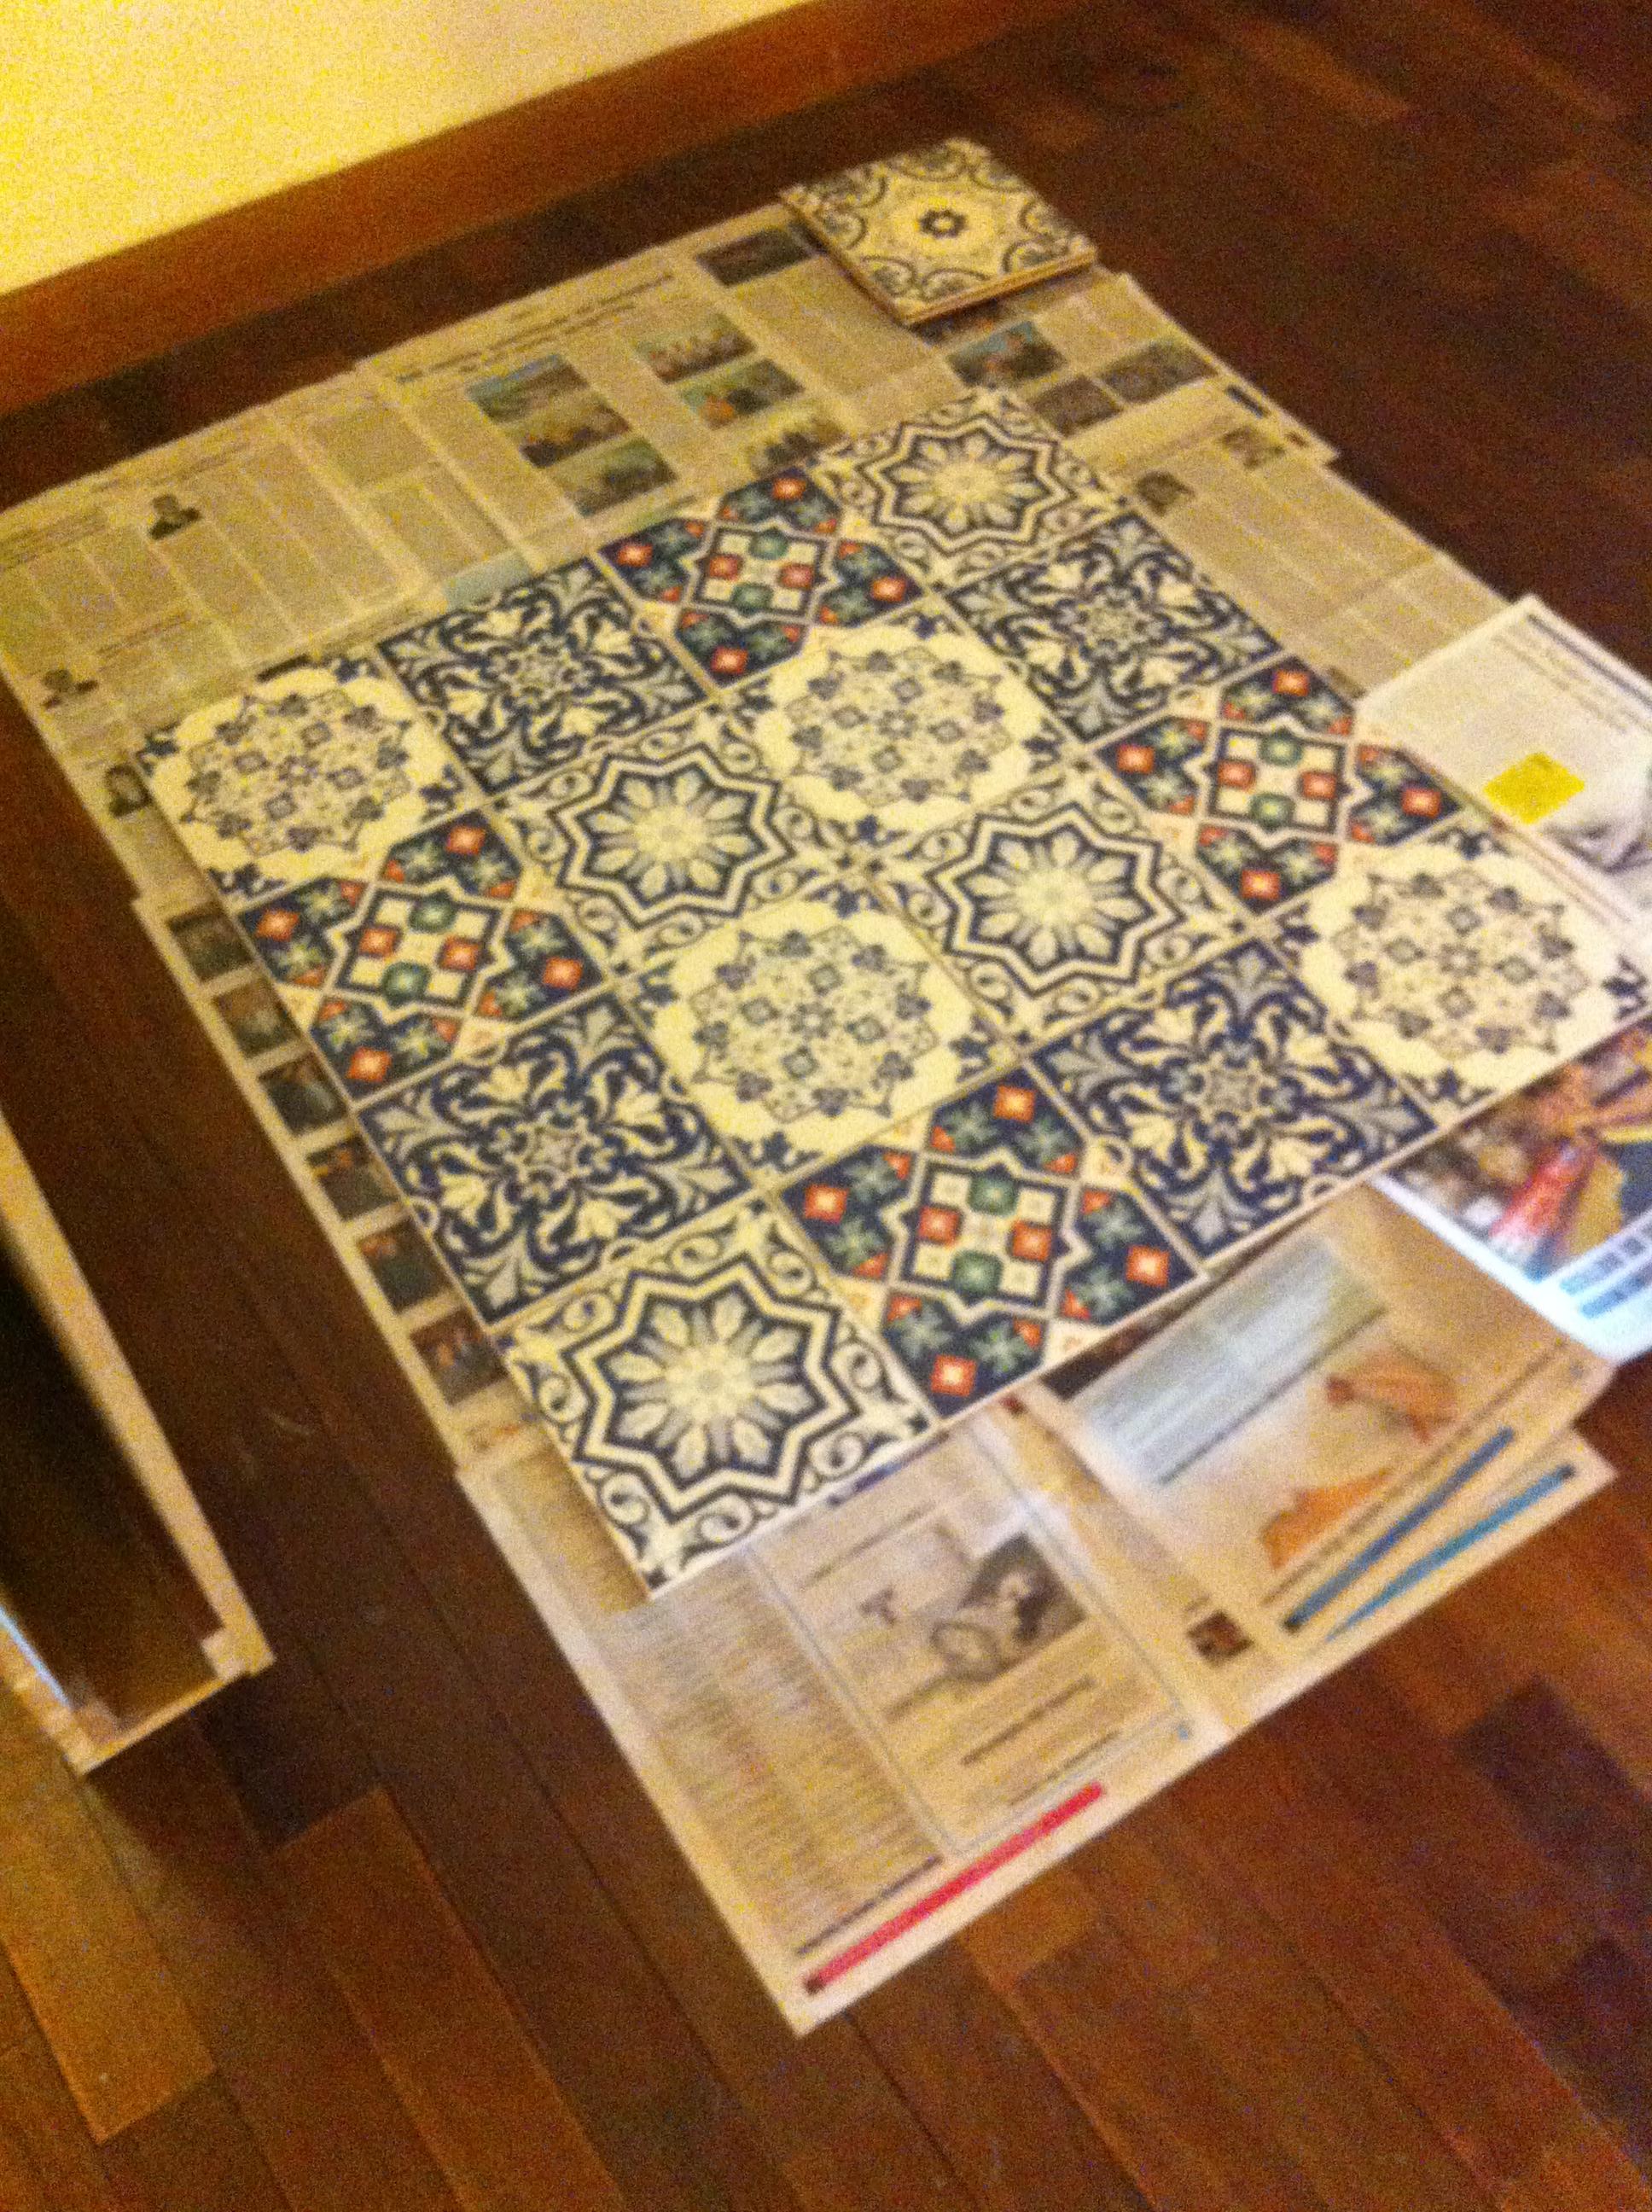 Montagem do padrão do azulejo - Foto: Madi Arquitetura e Design